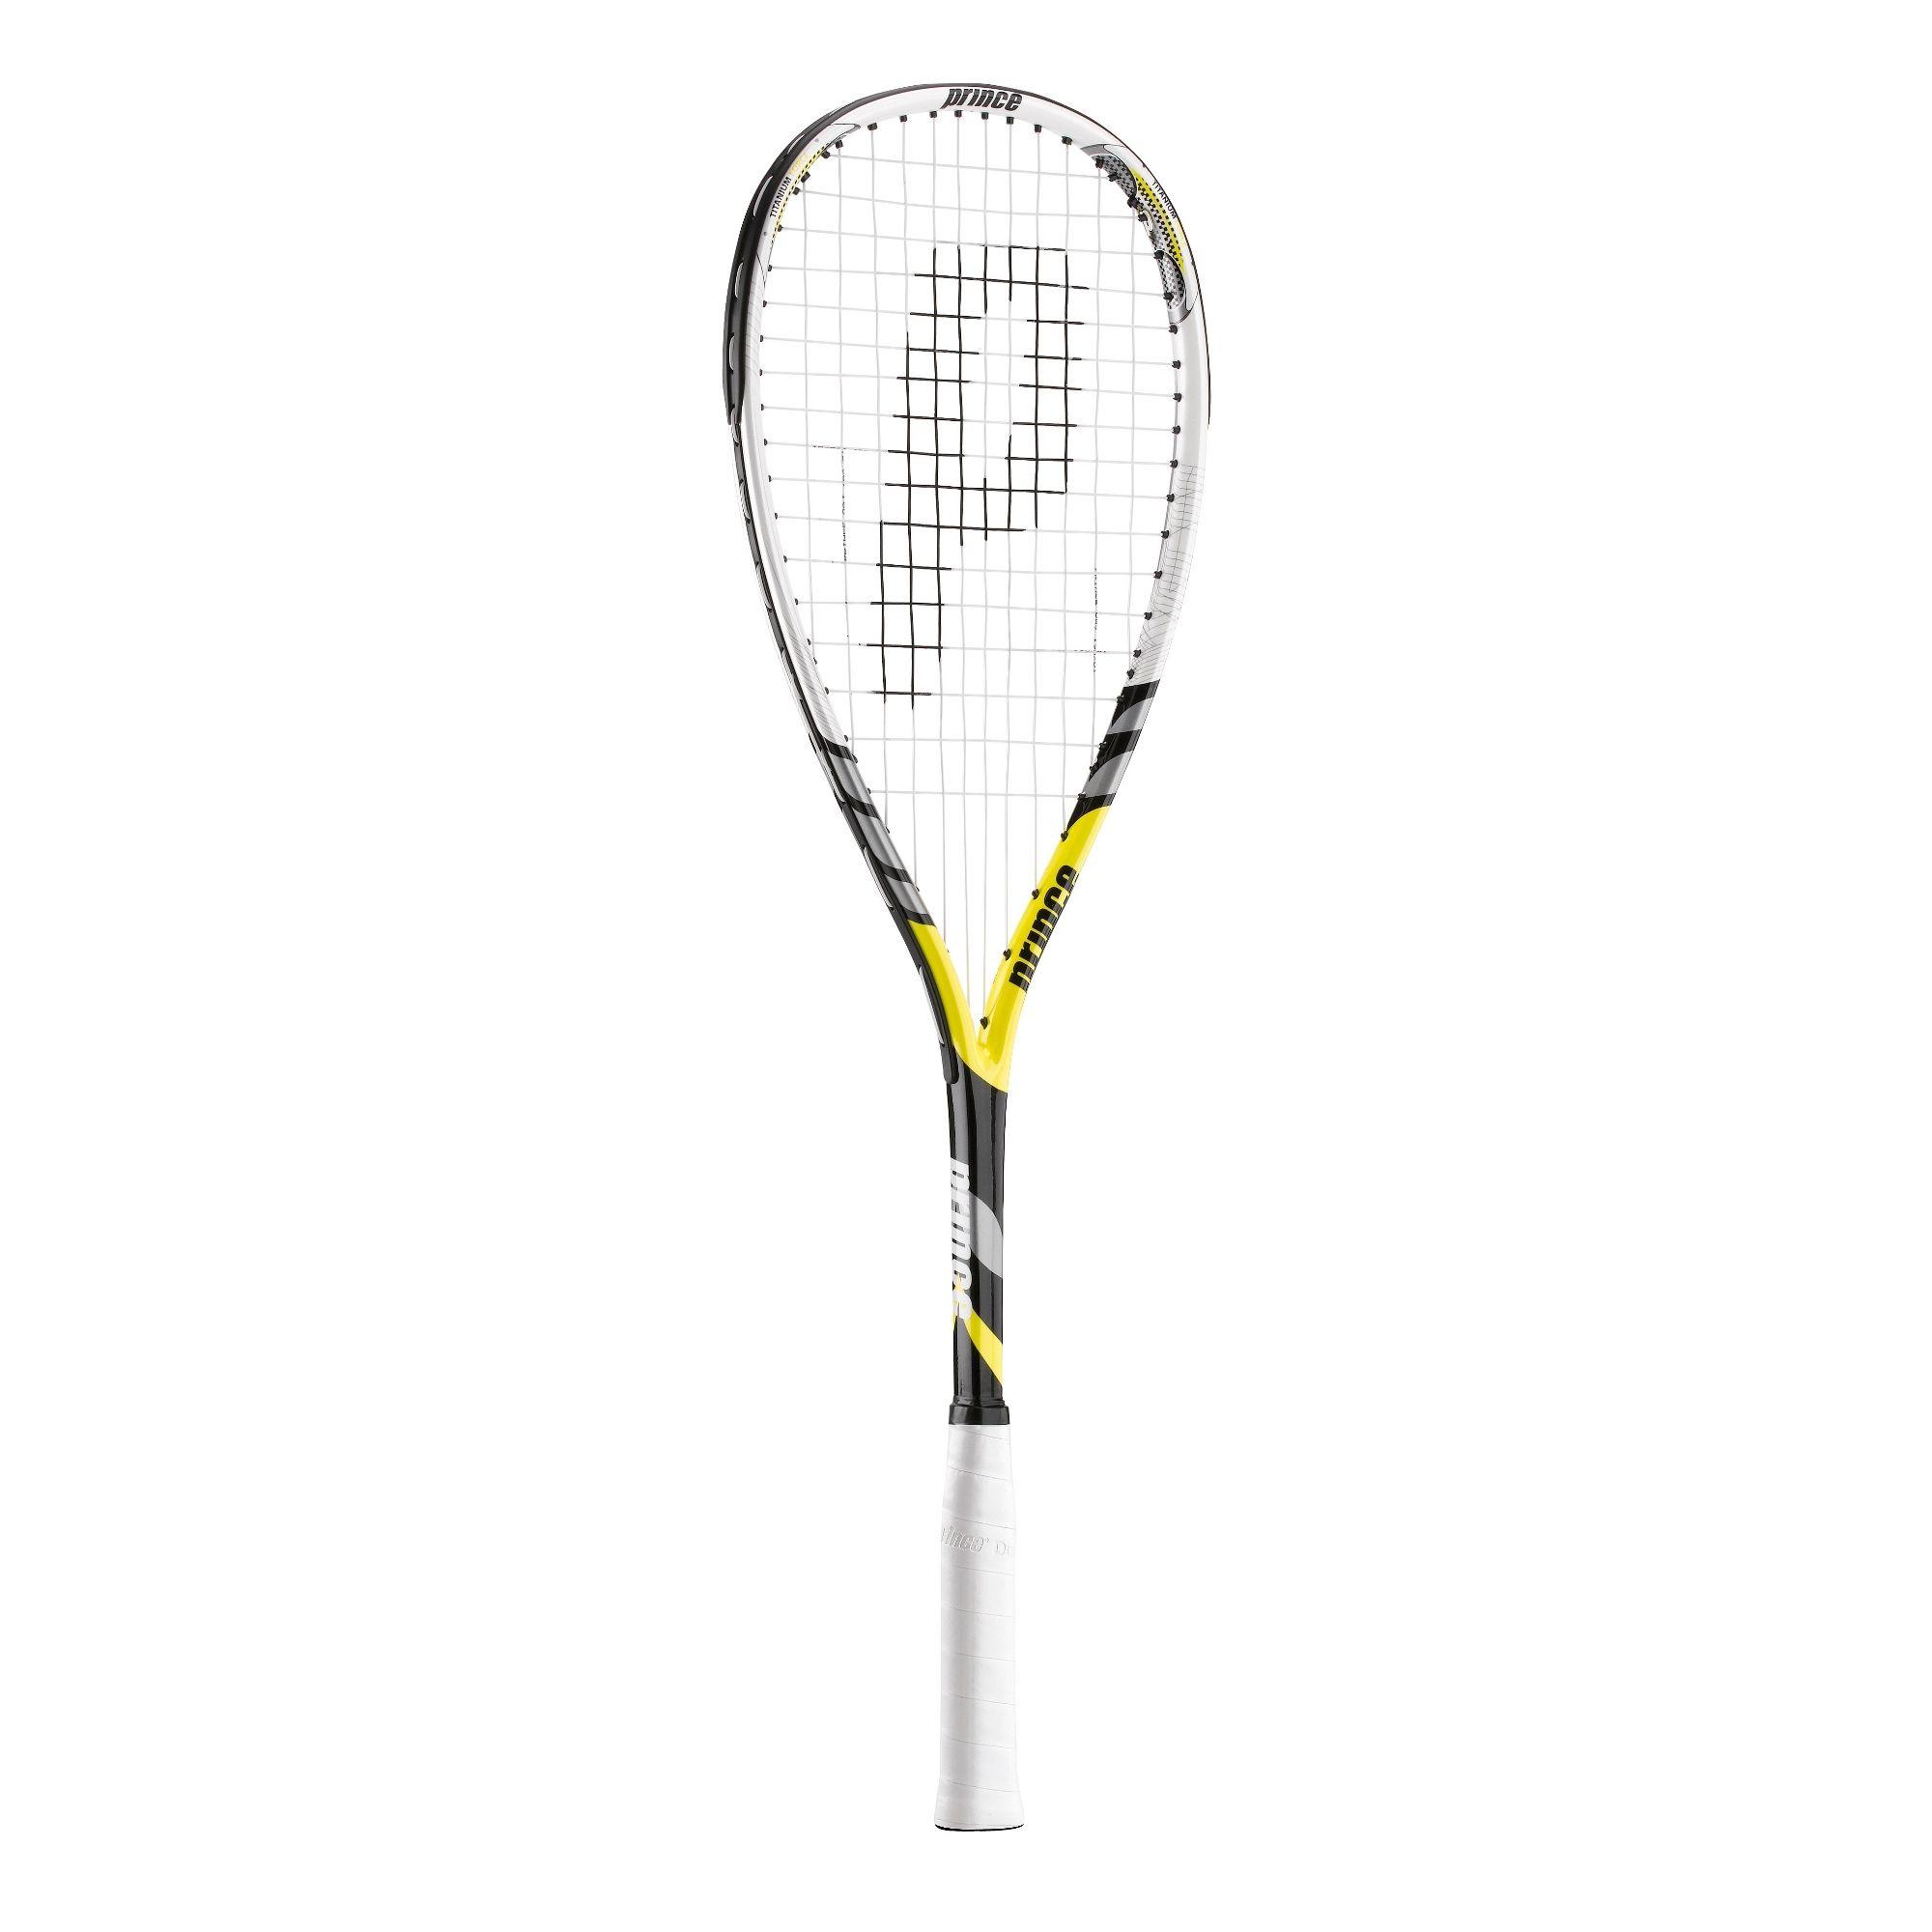 Prince Tf Motion Squash Racket Sweatband Com